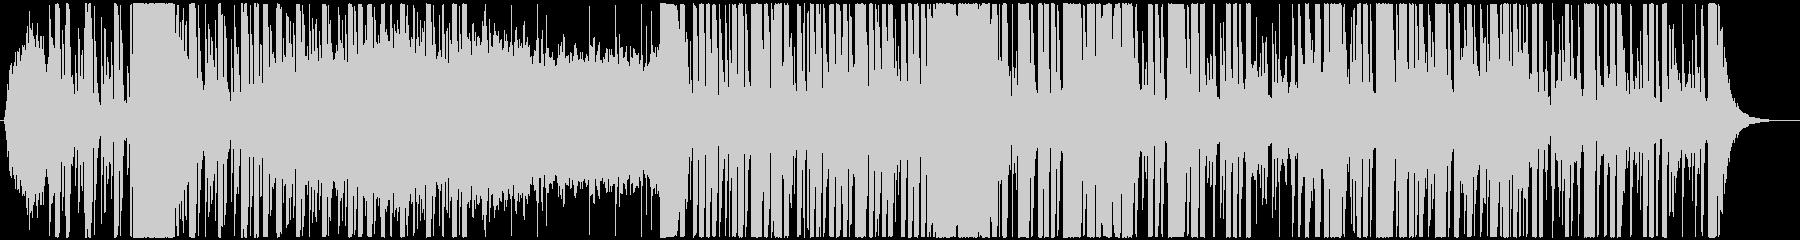 ヒップホップのインストゥルメンタル...の未再生の波形